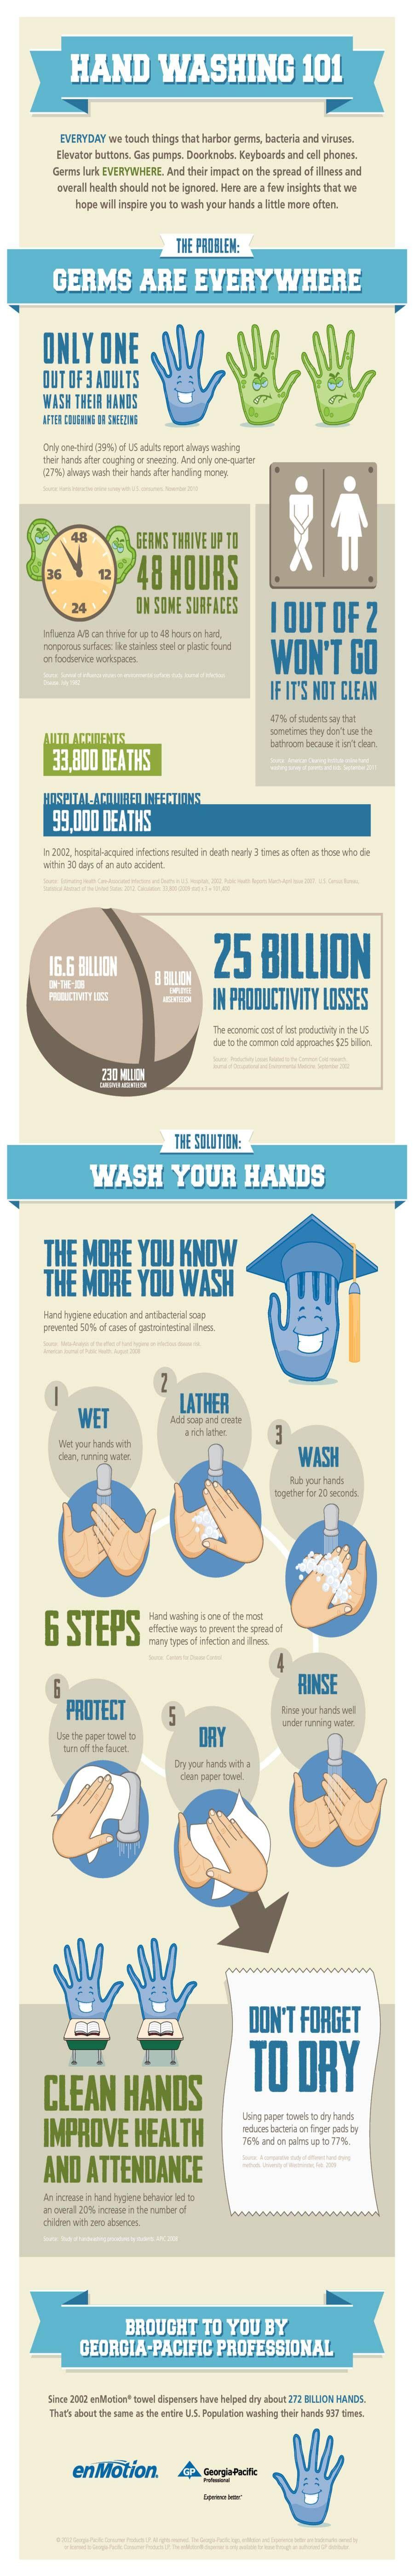 Hand Washing 101 Hand hygiene, Hygiene practices